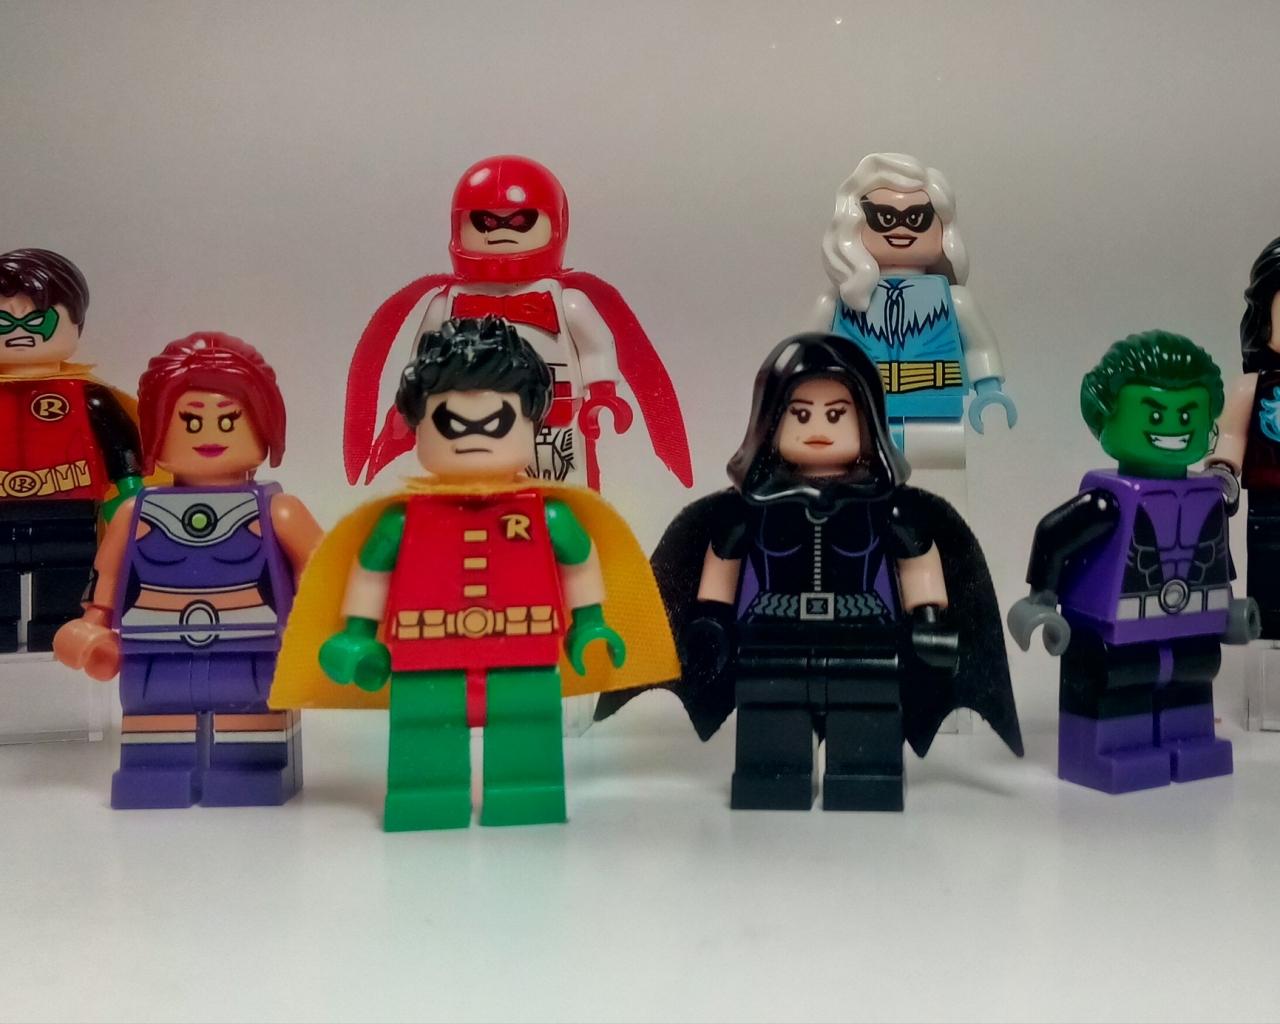 Muñecos de lego de super héroes - 1280x1024